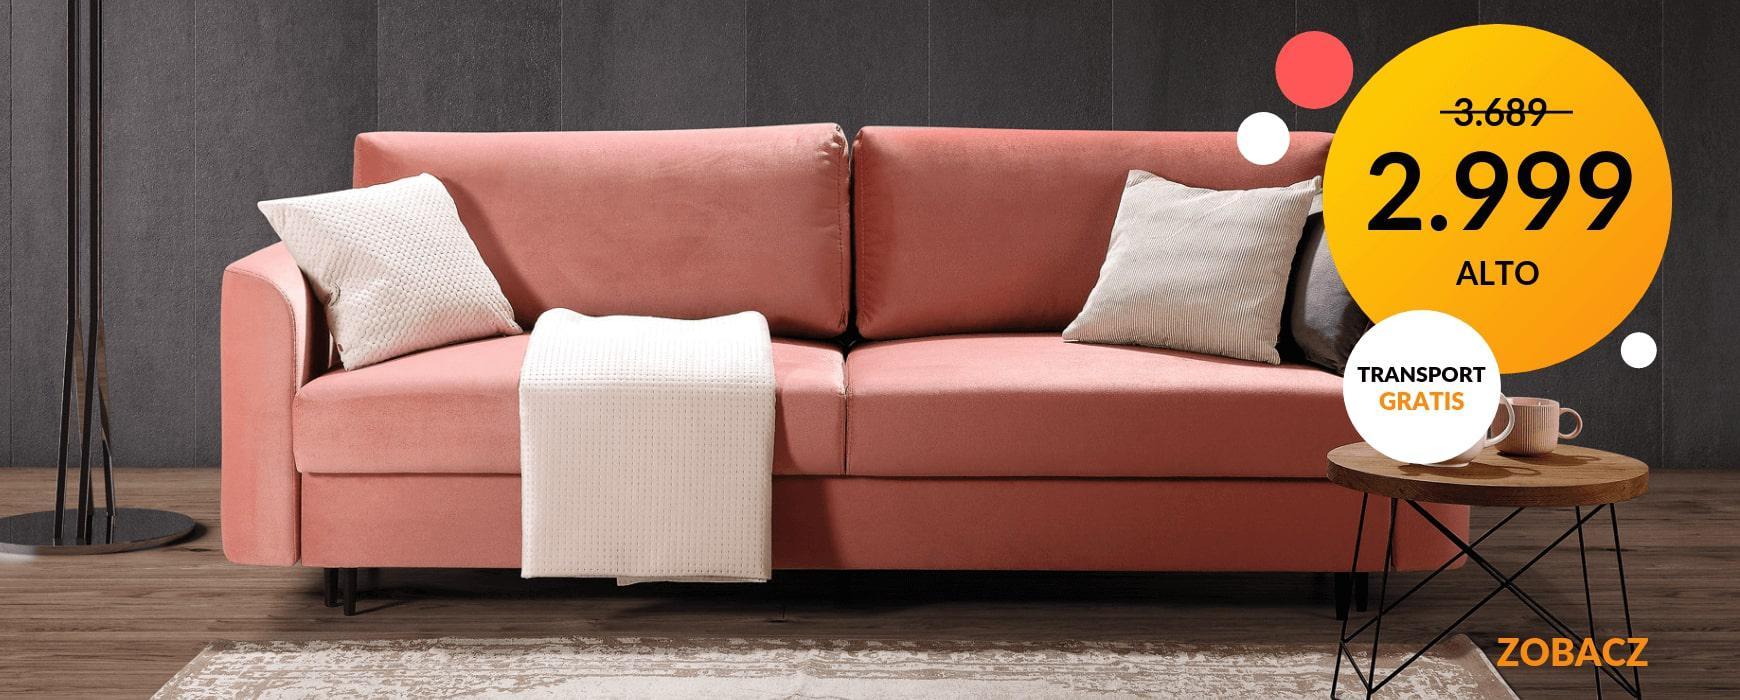 Wygodna sofa ALTO z funkcją spania w wybranych tkaninach kosztuje teraz tylko 2.999 pln. Transport gratis! Sprawdź!